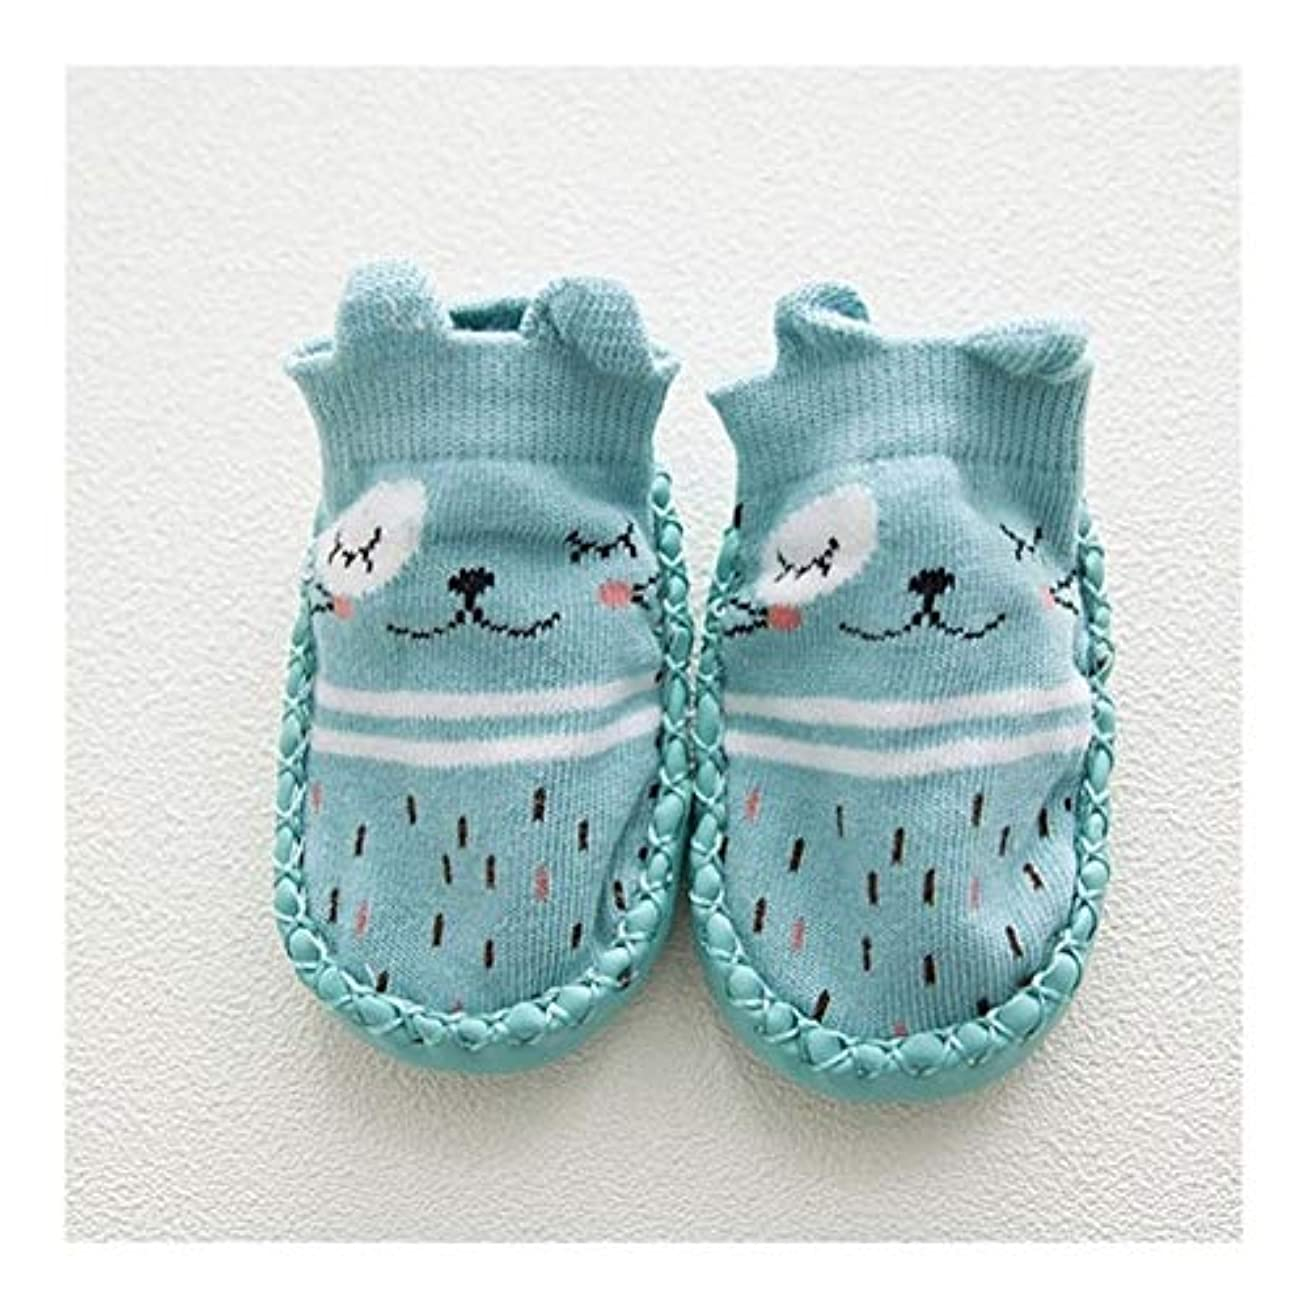 飾るうめき識別ベビーソックスソール 子供フロアソックスアンチスリップのために赤ちゃんのゴム靴底の漫画動物の耳新生児ソックススリッパのためのベビーソックス (Color : Navy blue, サイズ : 6M)